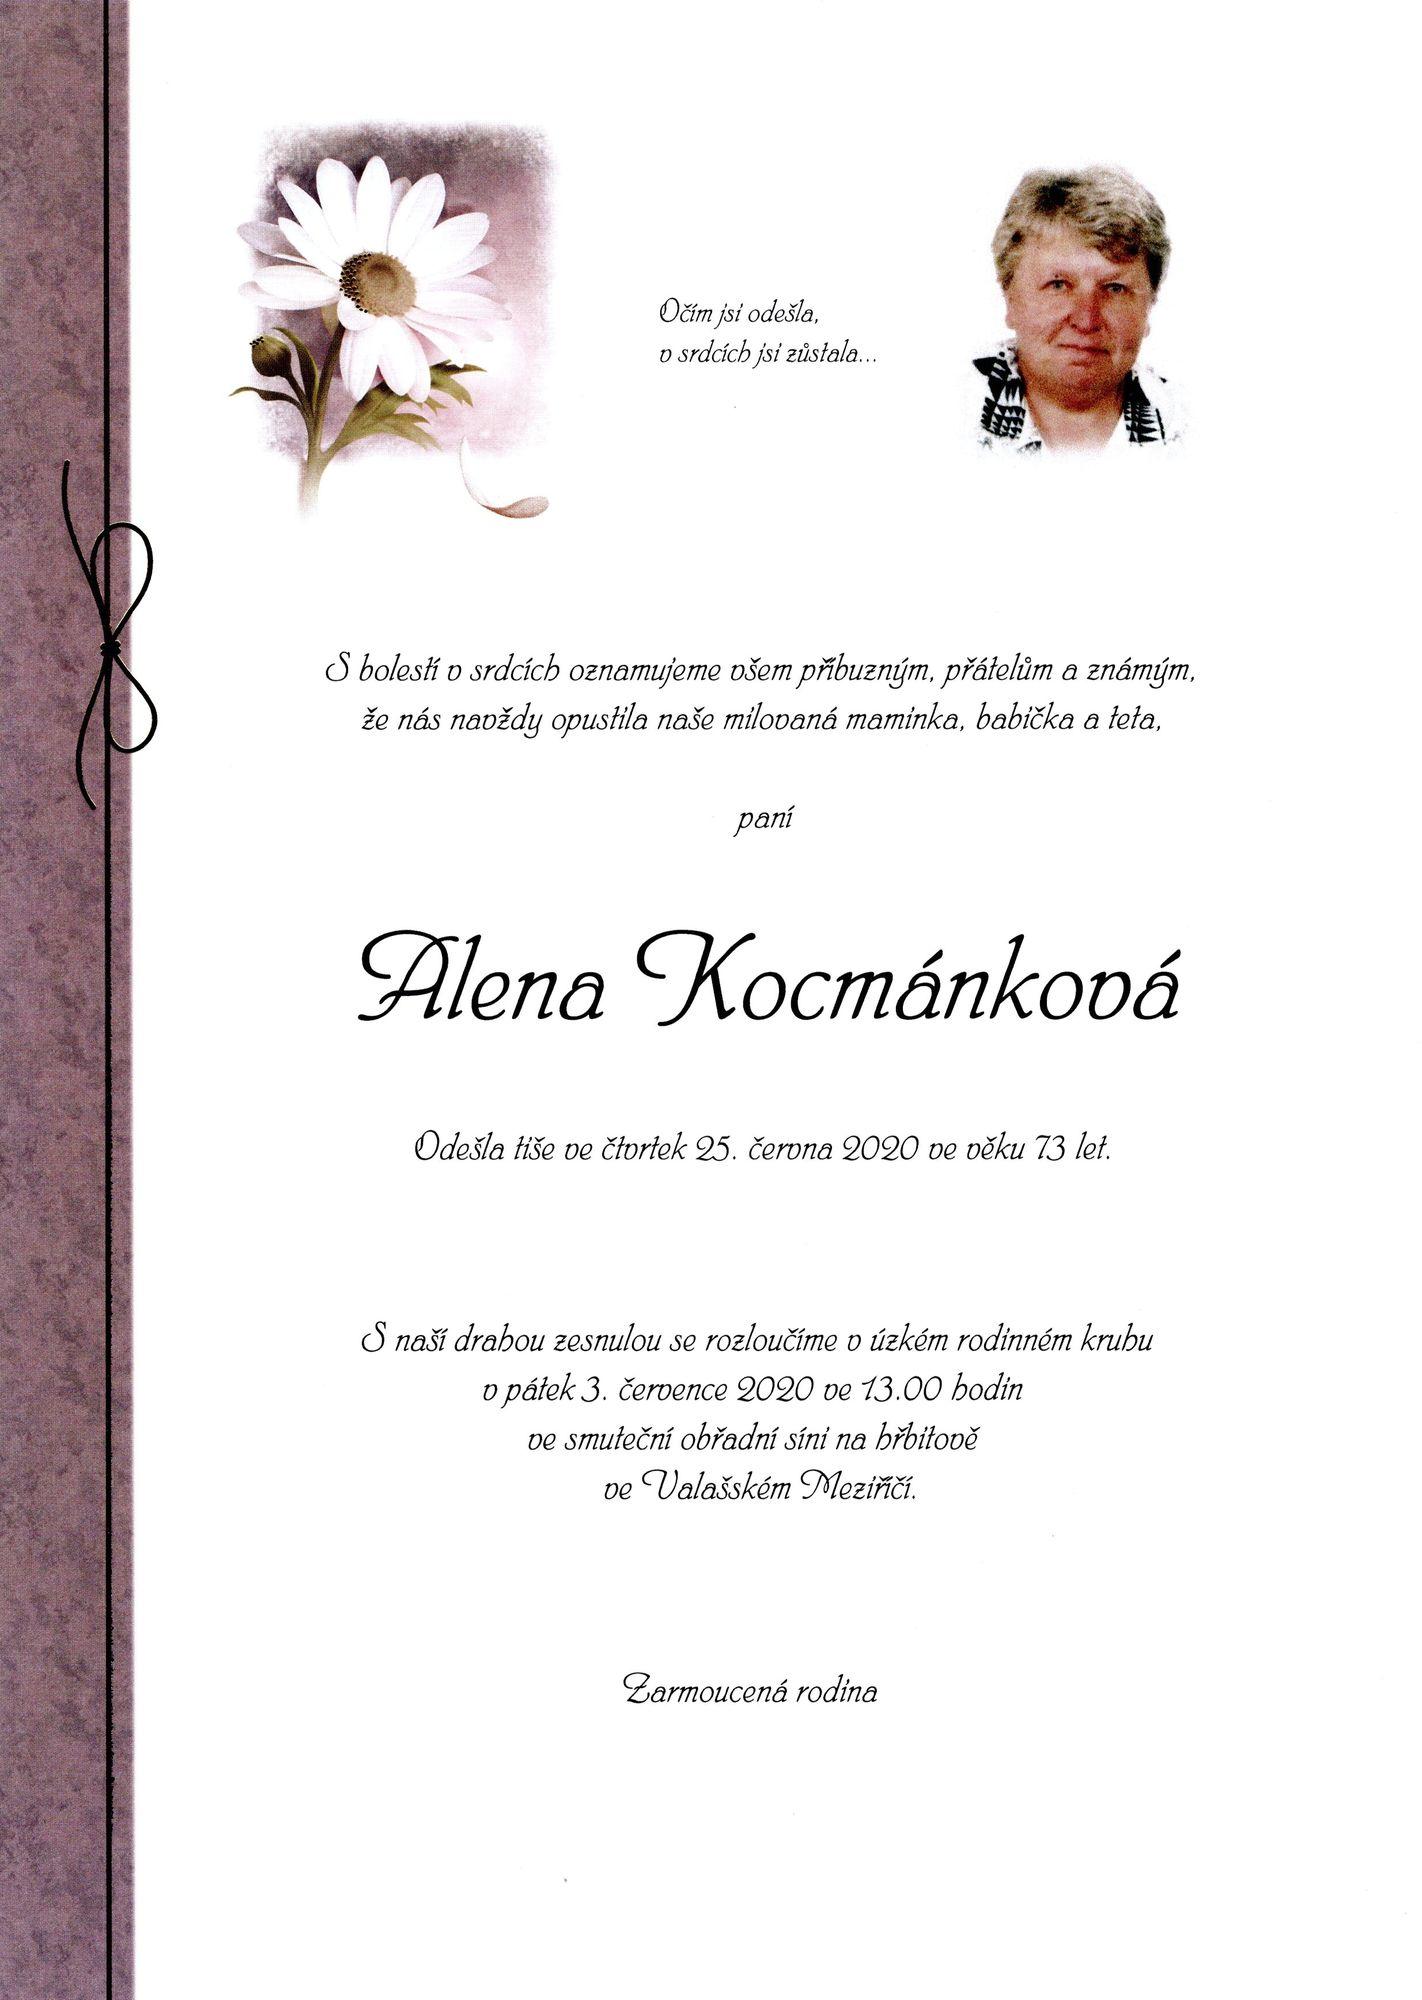 Alena Kocmánková